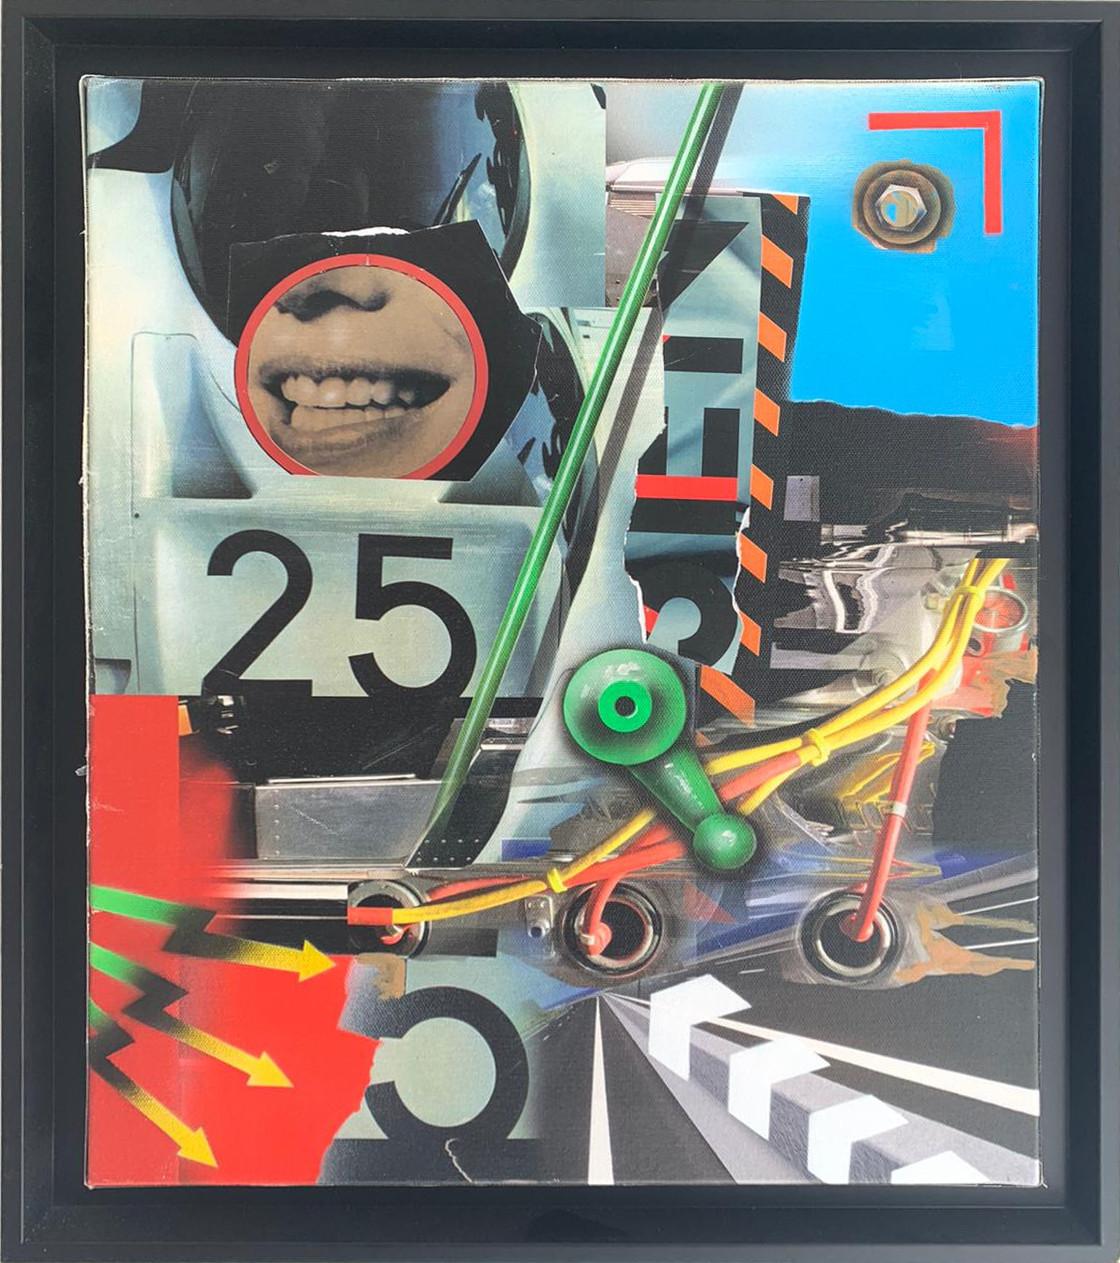 Peter Klasen-sourie manette verte-38x46